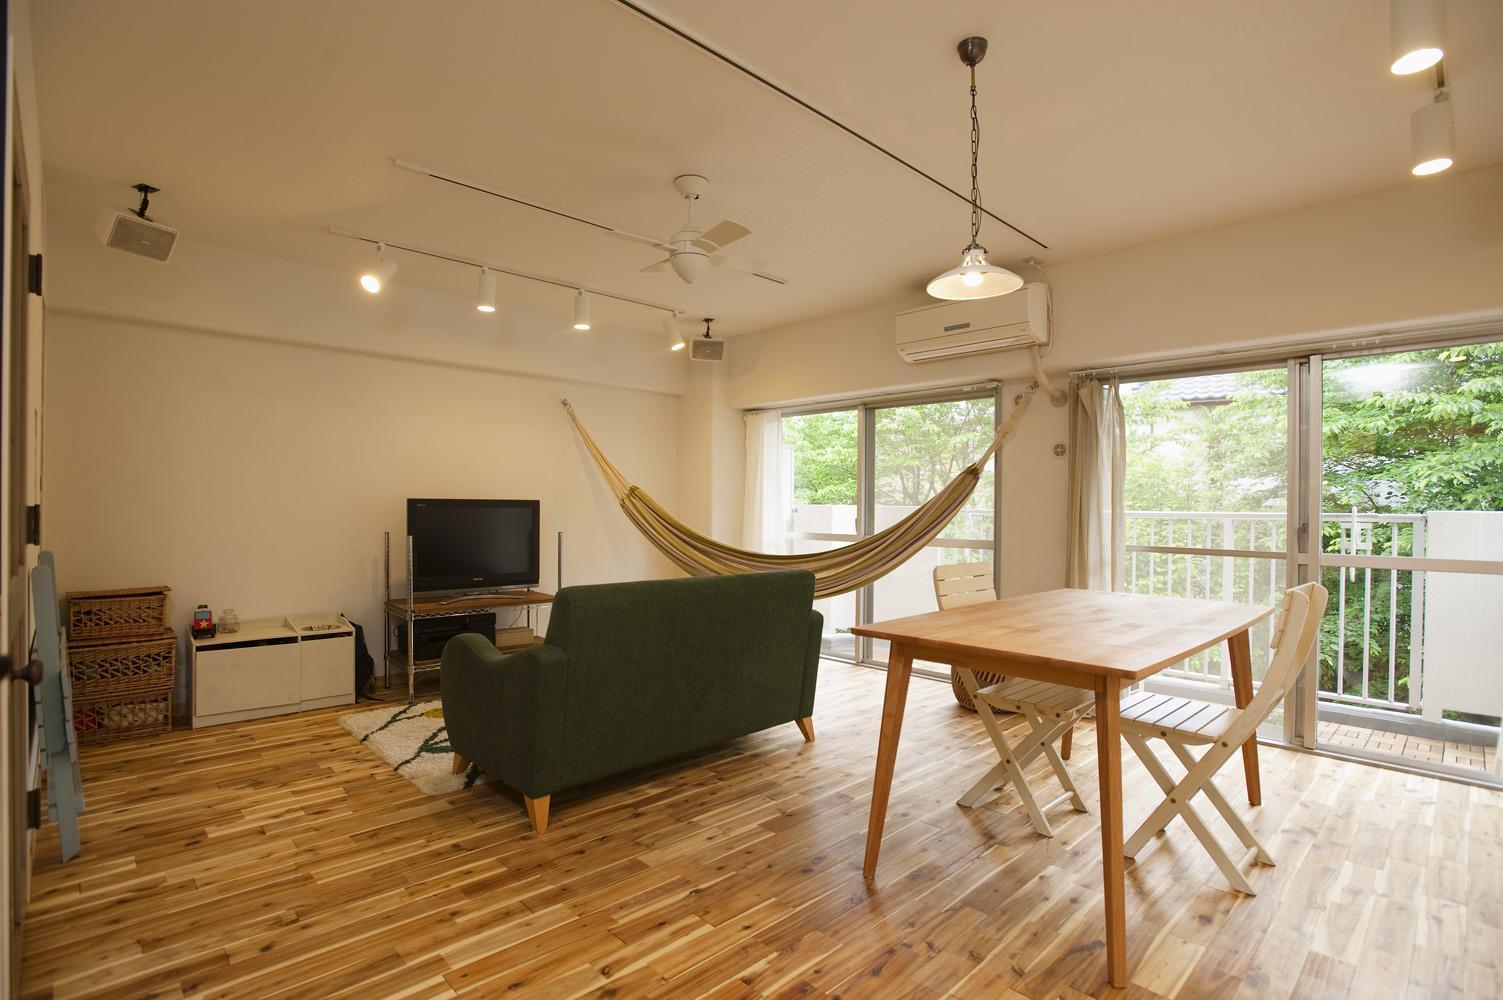 リフォーム・リノベーション会社:スタイル工房「H邸・ハンモックのゆれる、光と風のリビング」